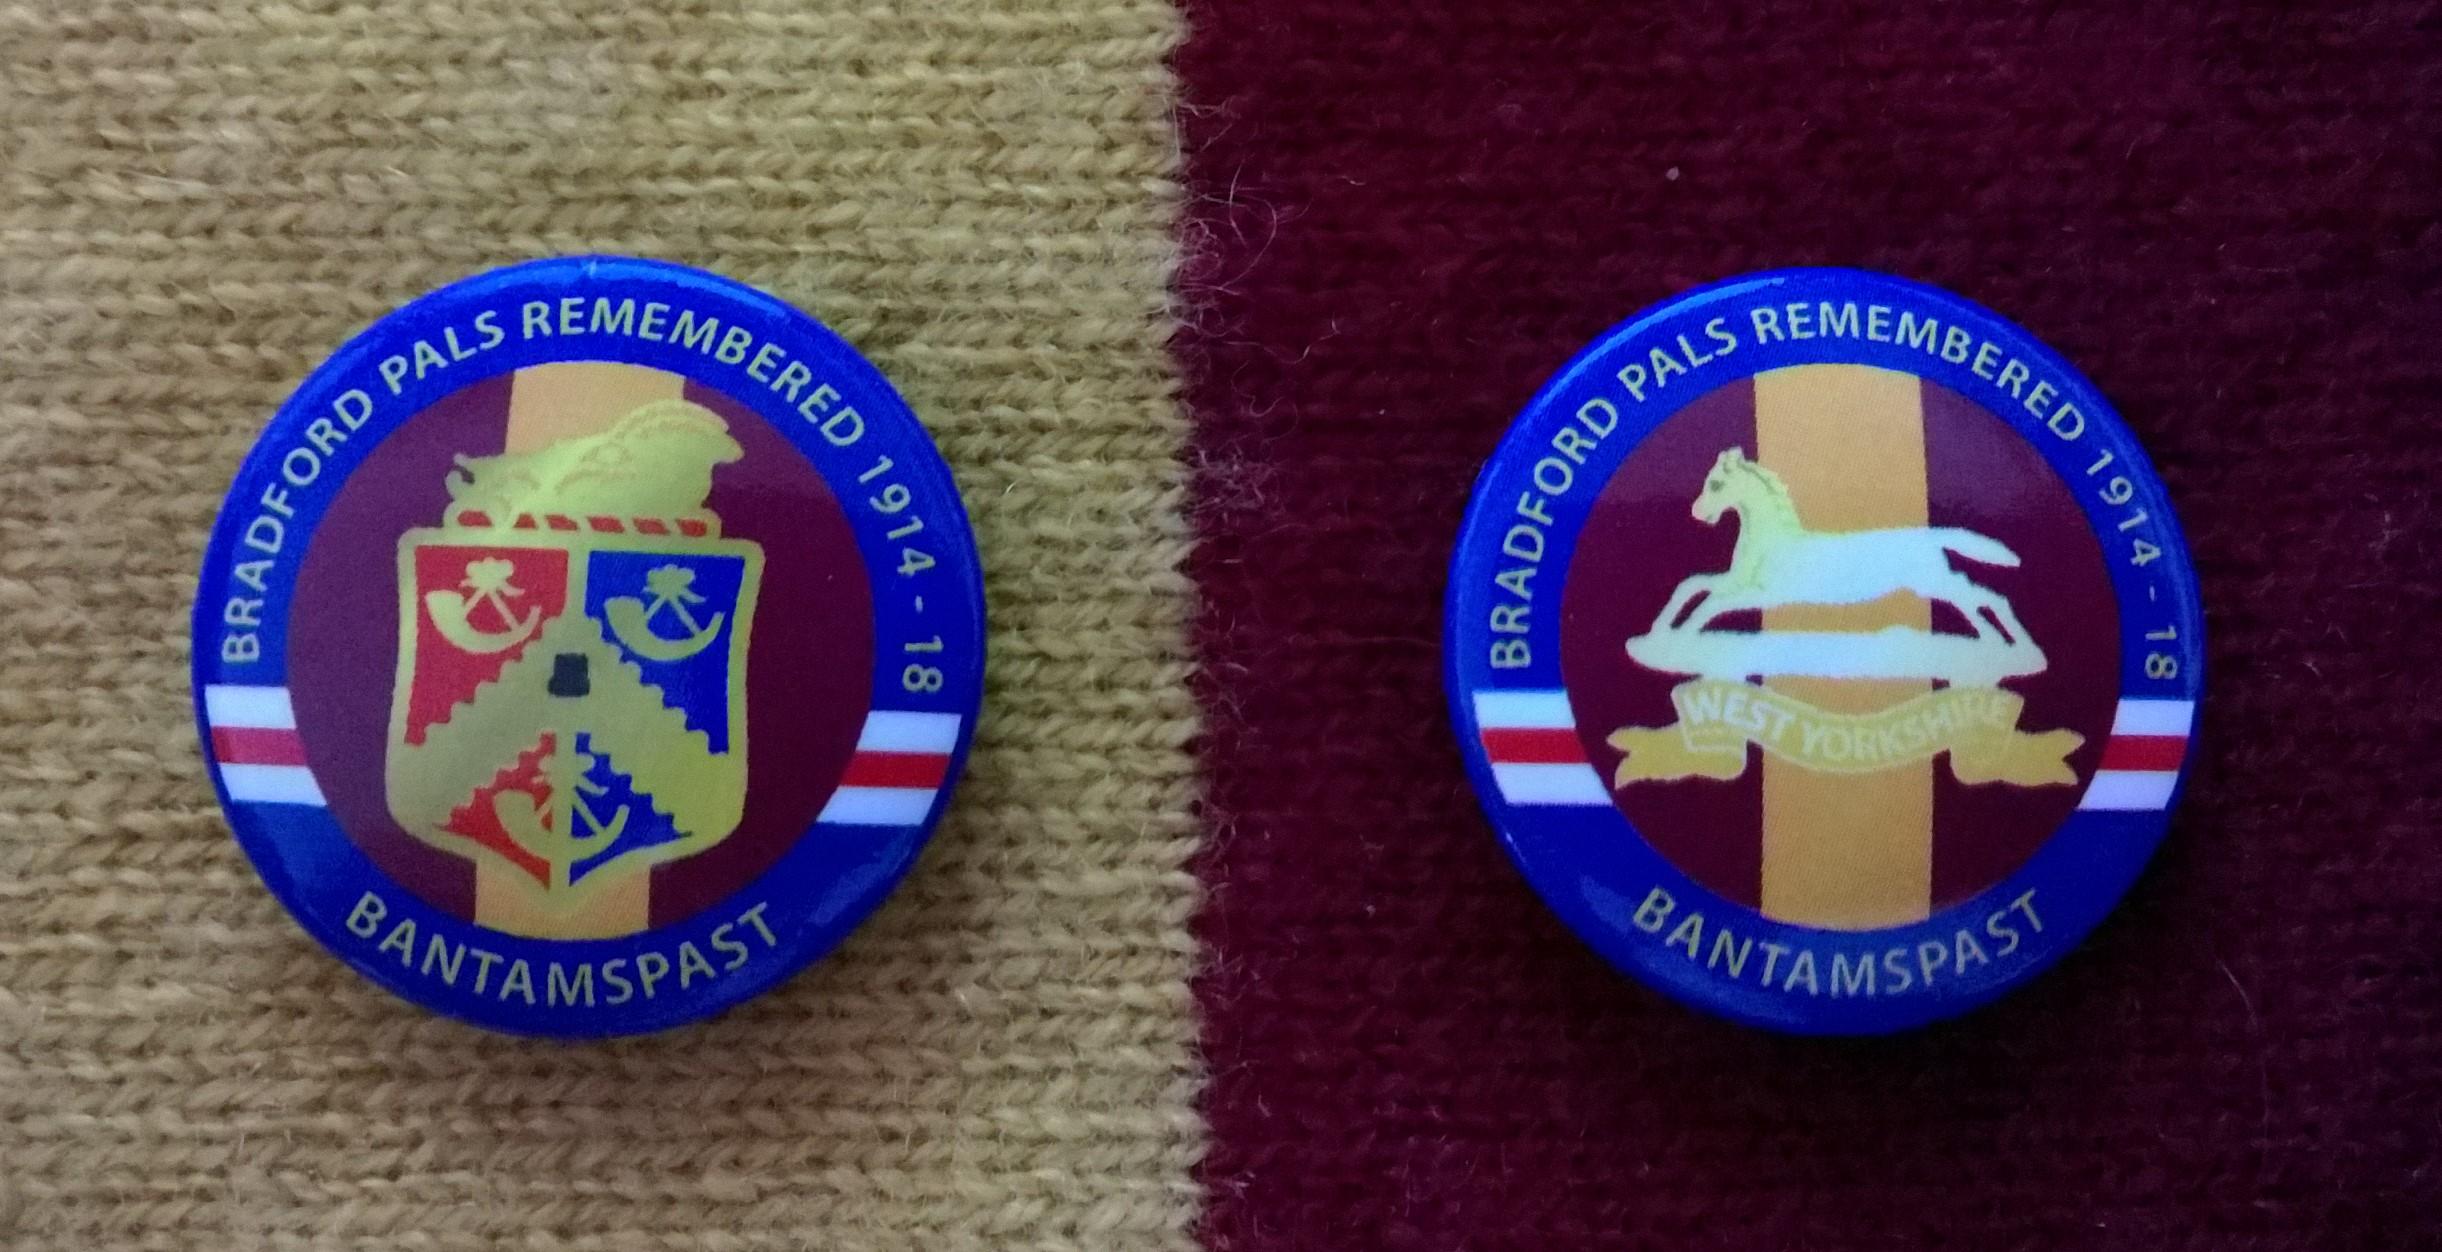 bantamspast Bfd Pals badges